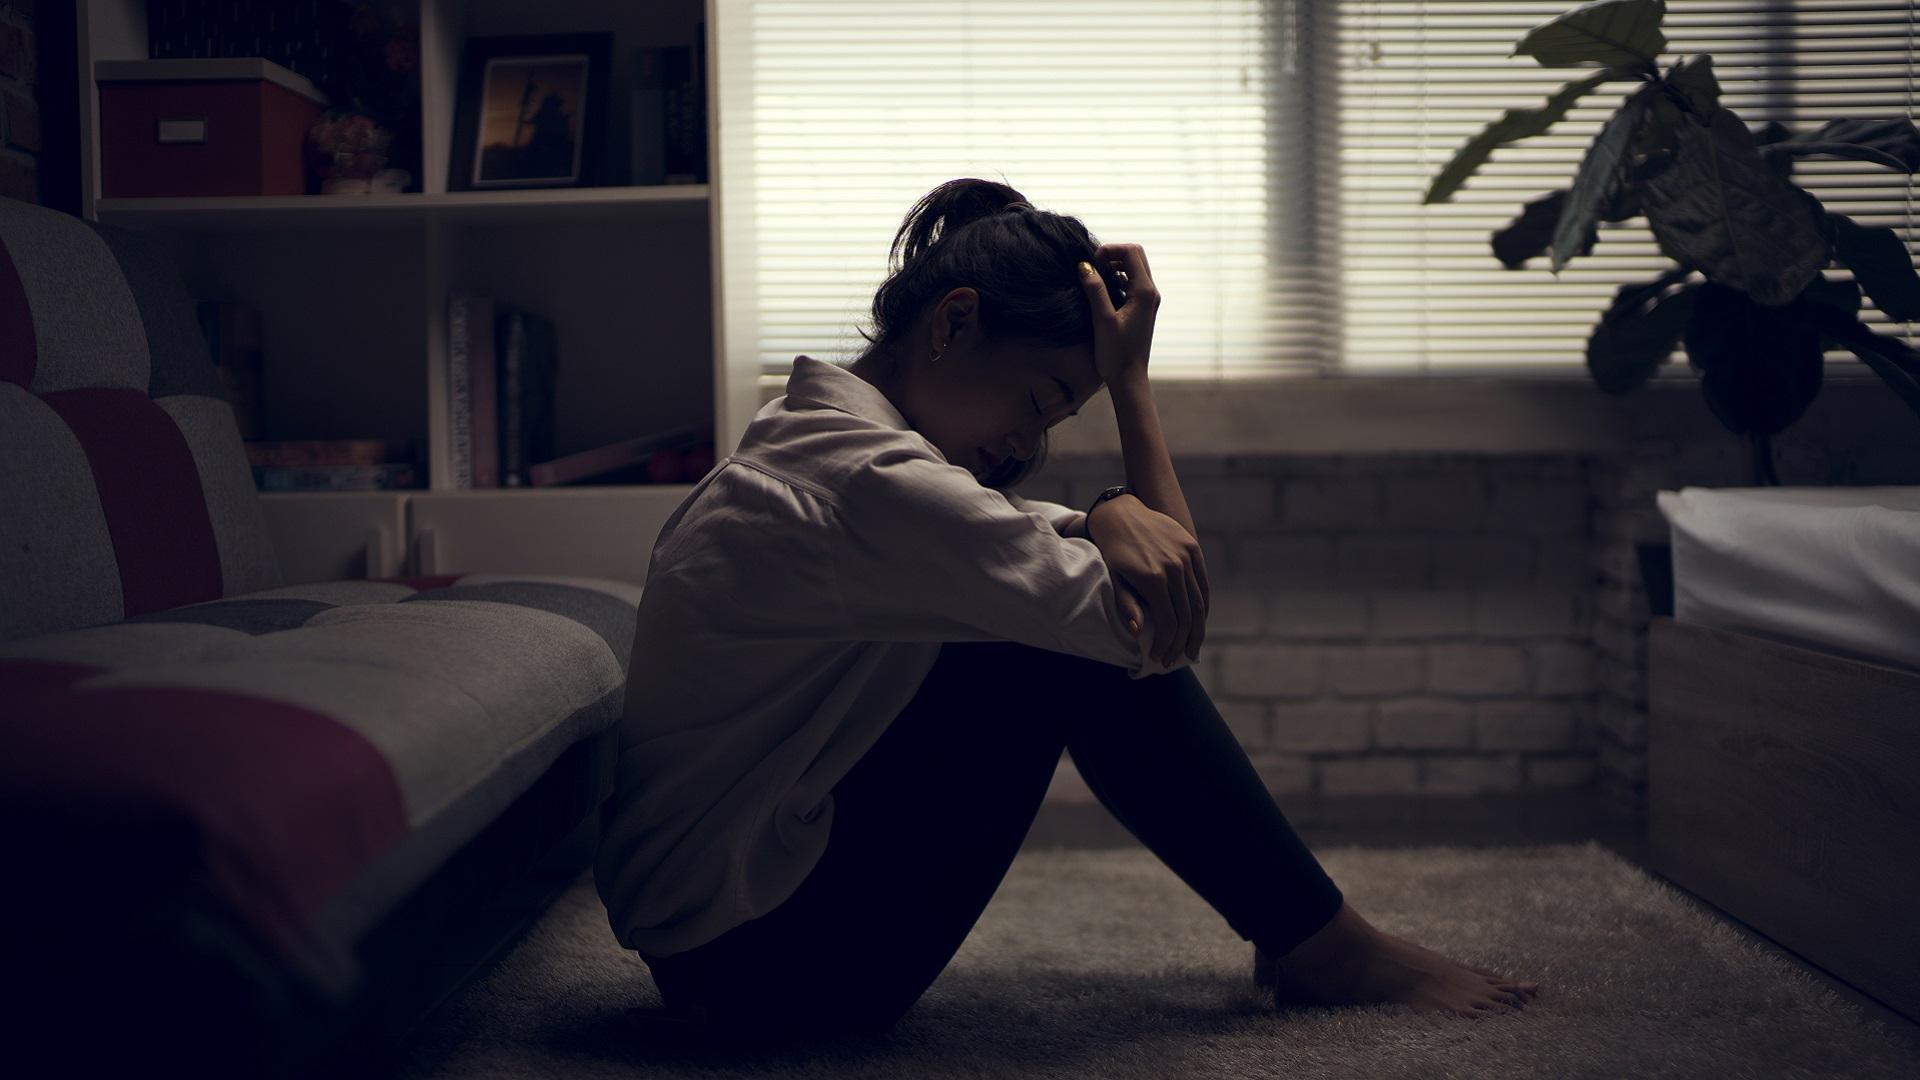 Απώλεια Μνήμης: Συναισθηματικοί παράγοντες που ευθύνονται για την απώλεια μνήμης